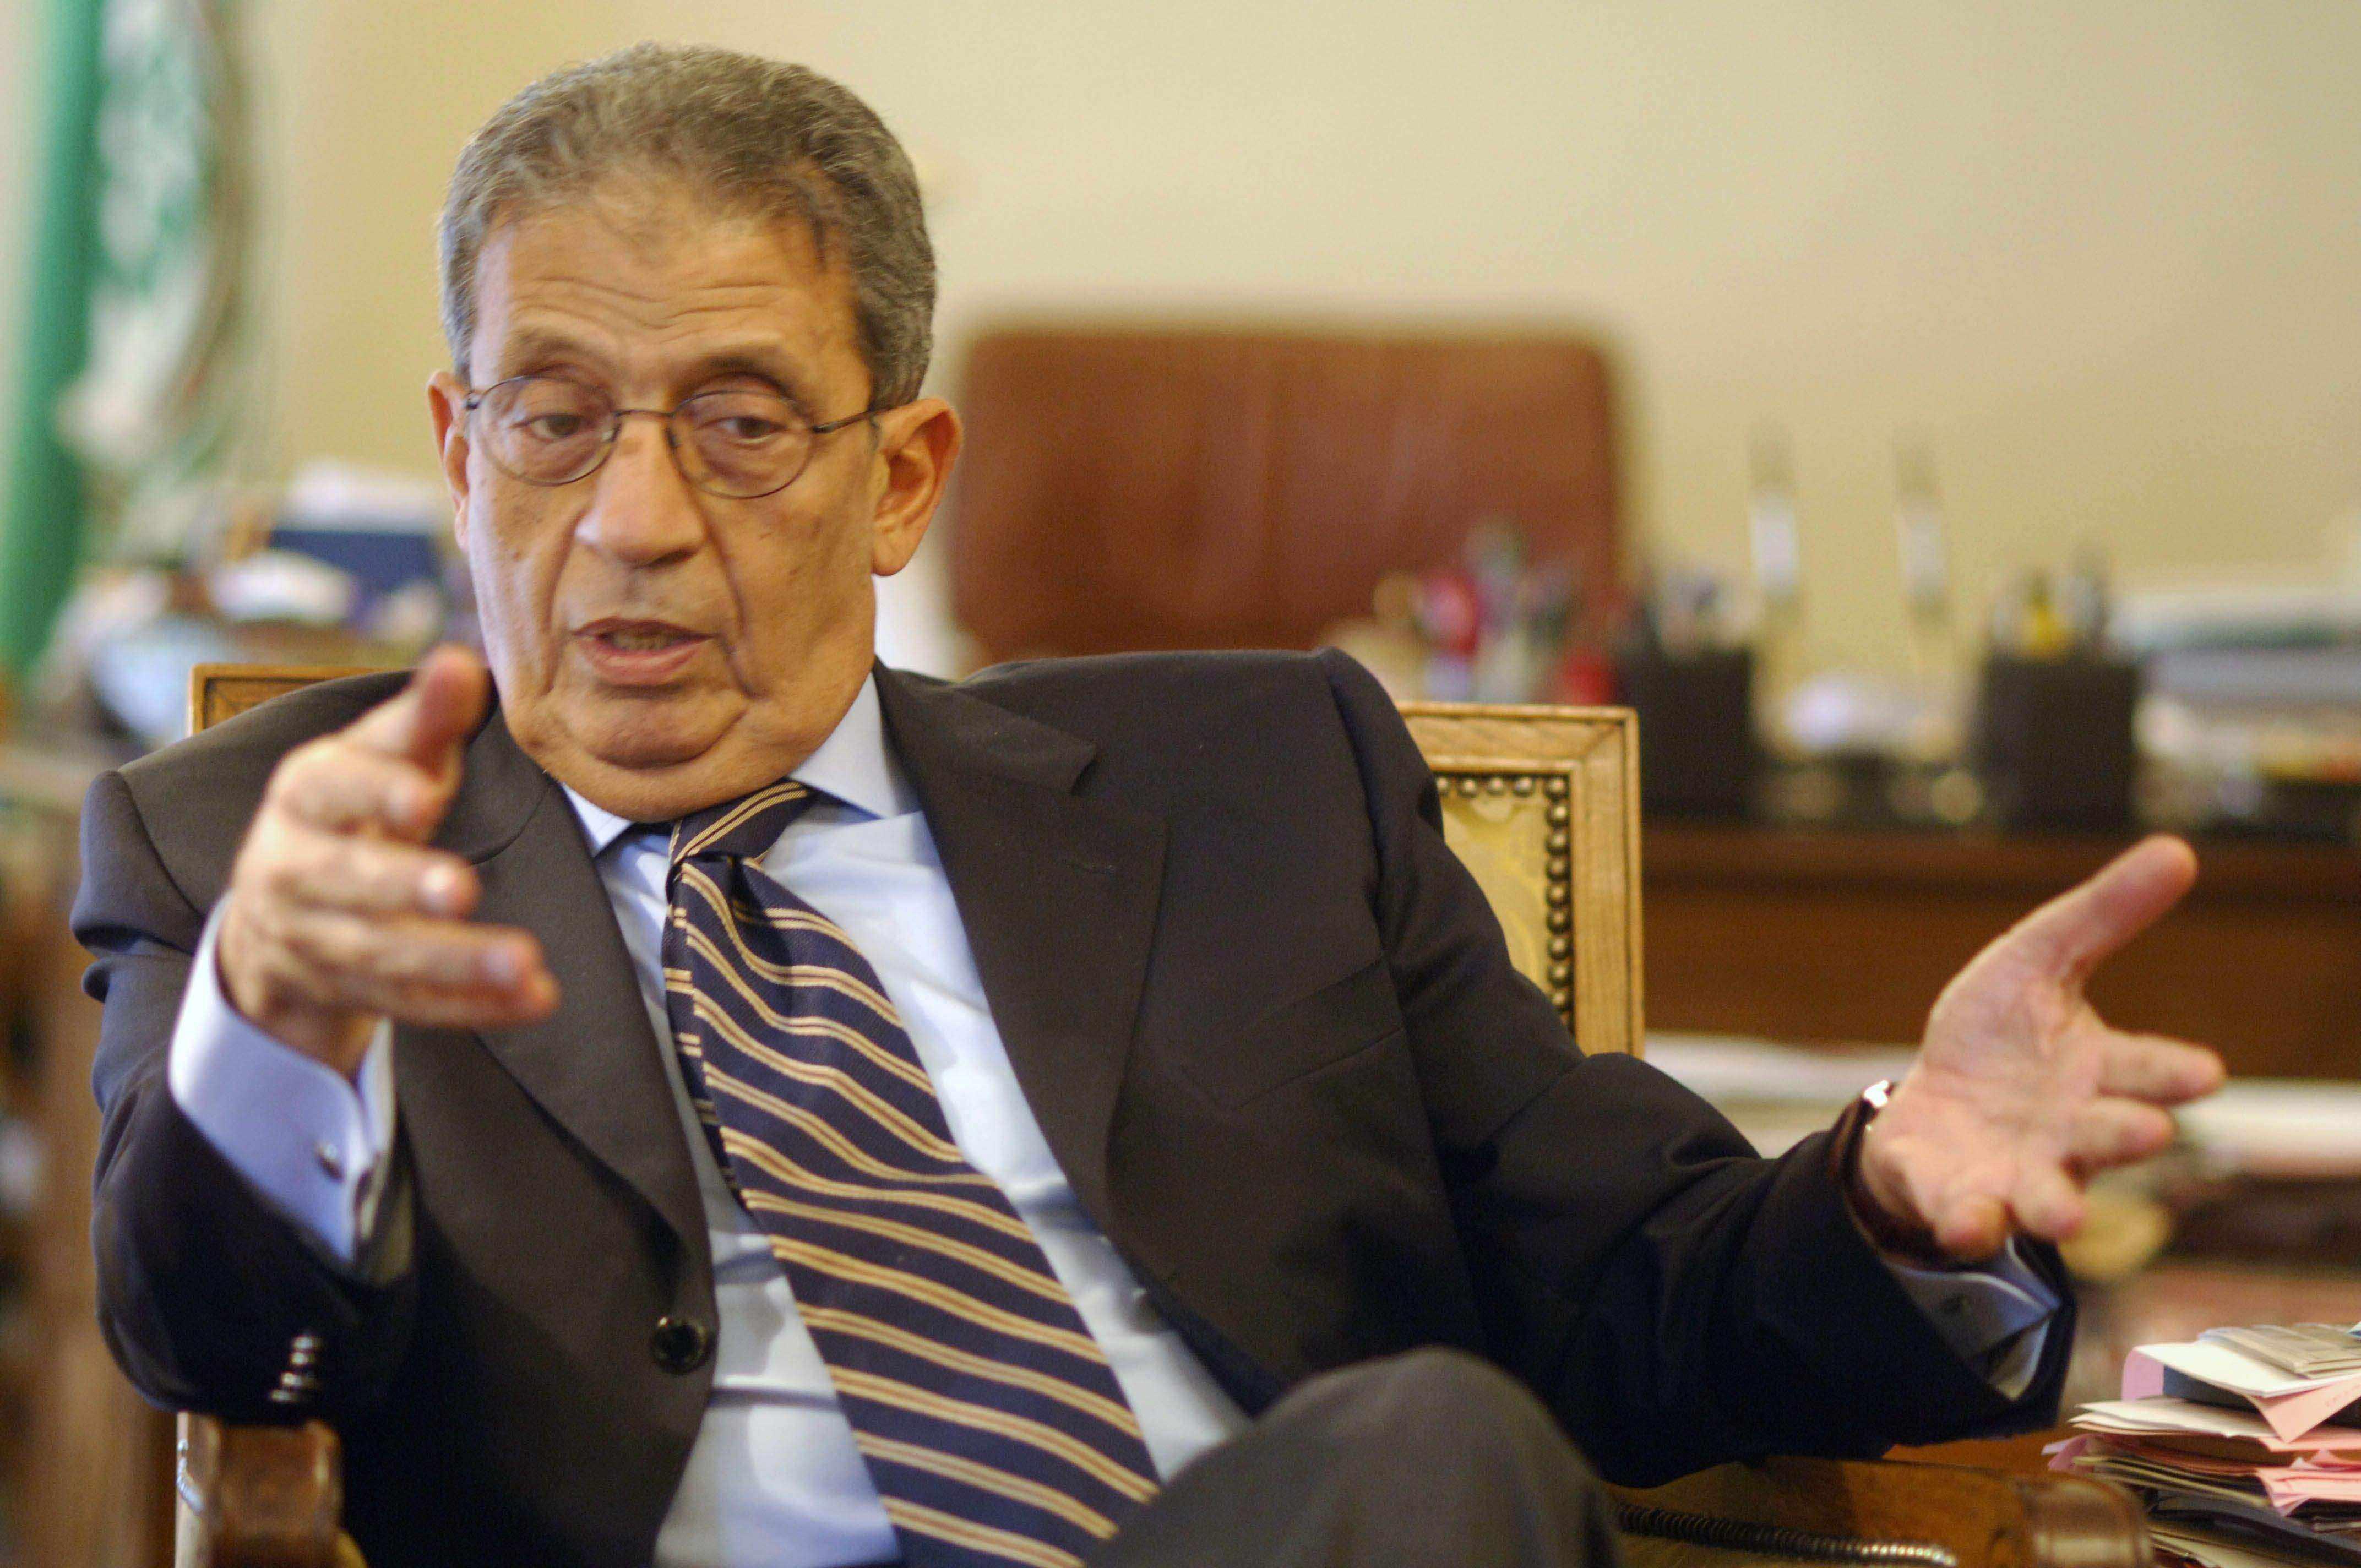 """عمرو موسي يدافع عن مذكراته: ماكتبته حول عبدالناصر """"صحيح"""""""